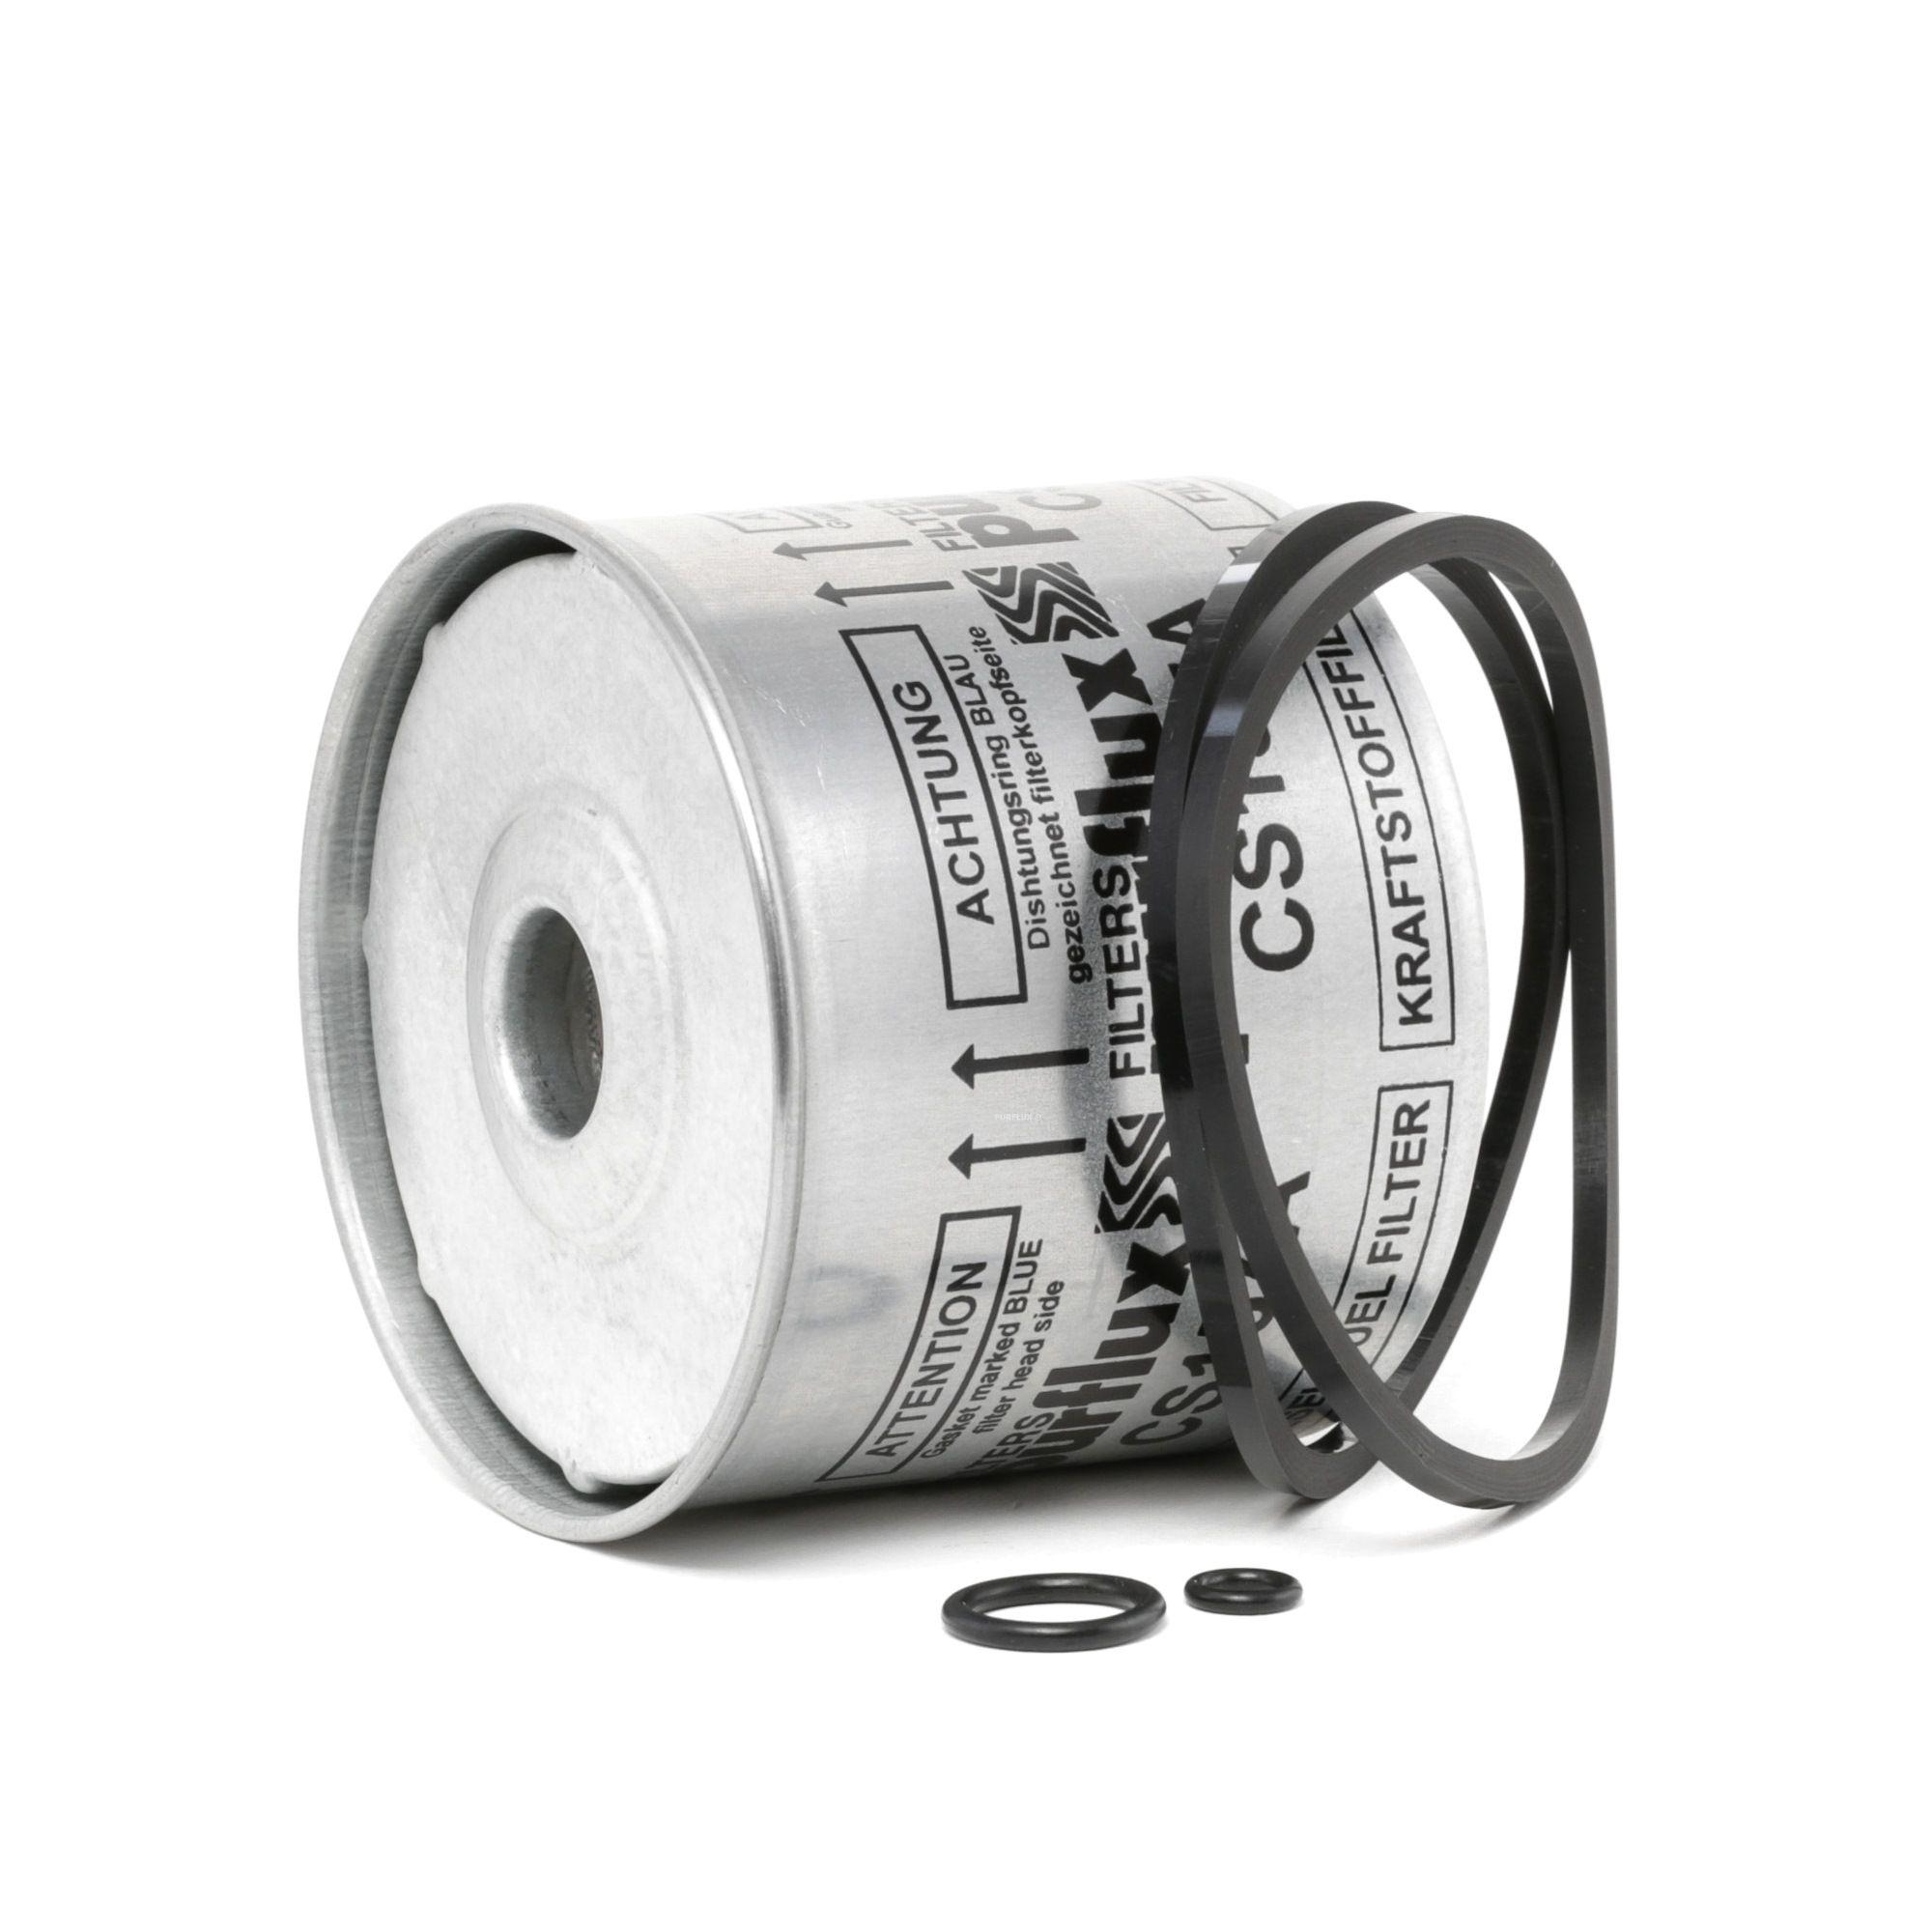 Brandstoffilter CS157A OPEL lage prijzen - Koop Nu!